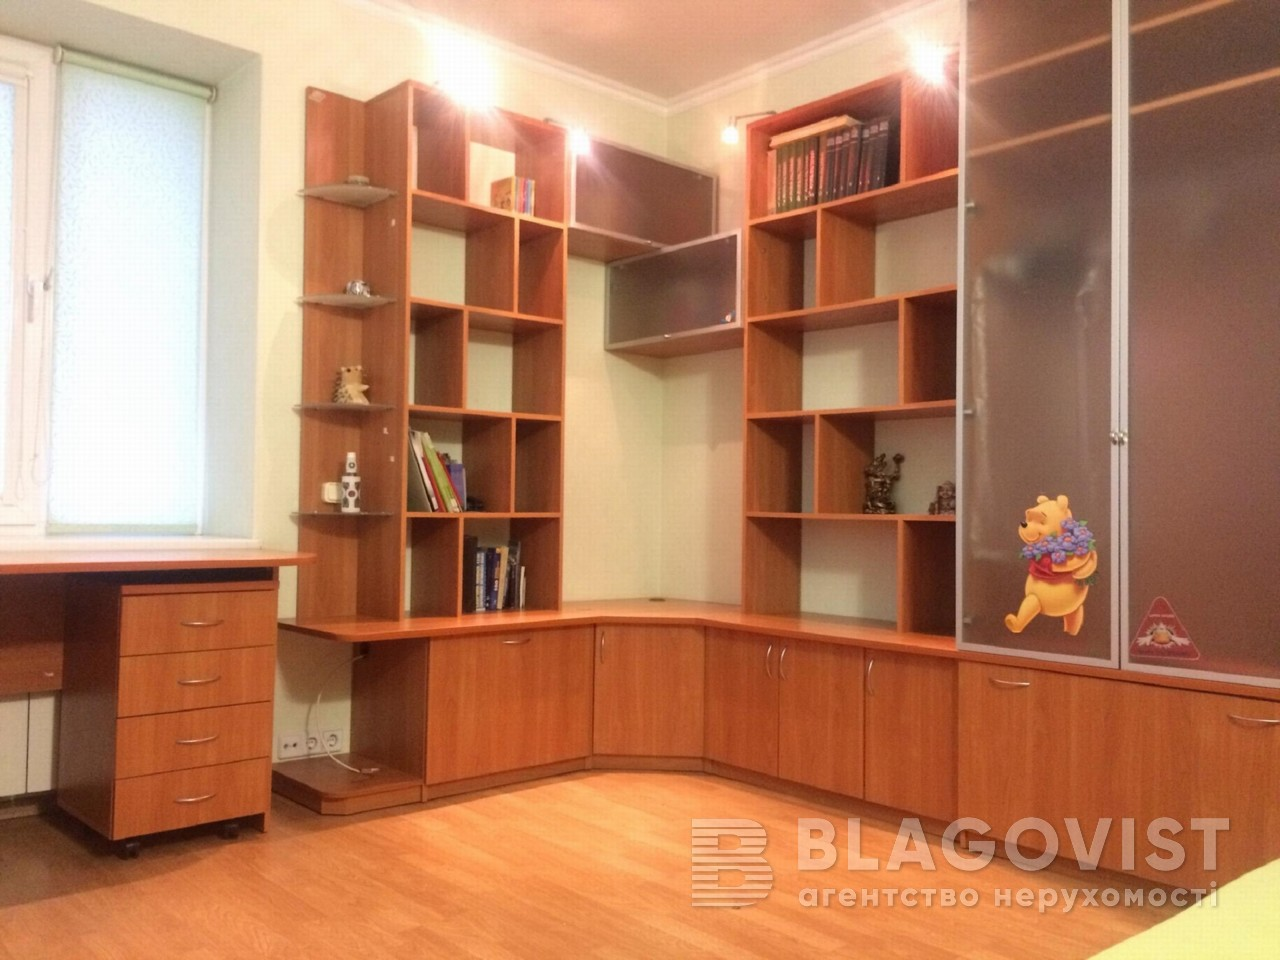 Квартира M-36130, Никольско-Слободская, 6б, Киев - Фото 8